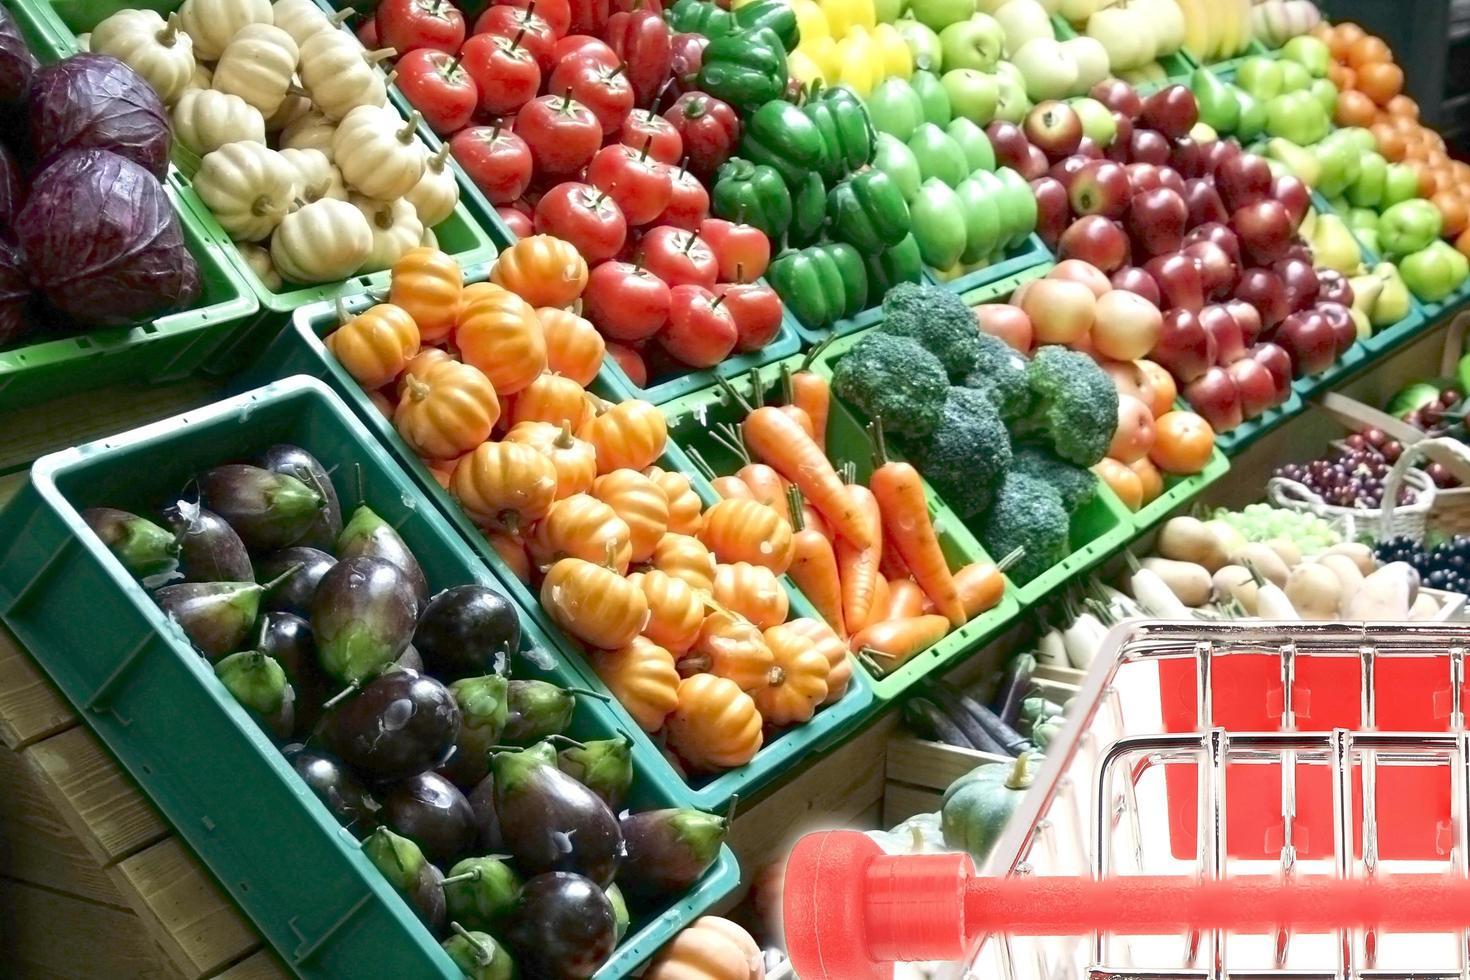 fruit in de supermarkt foto